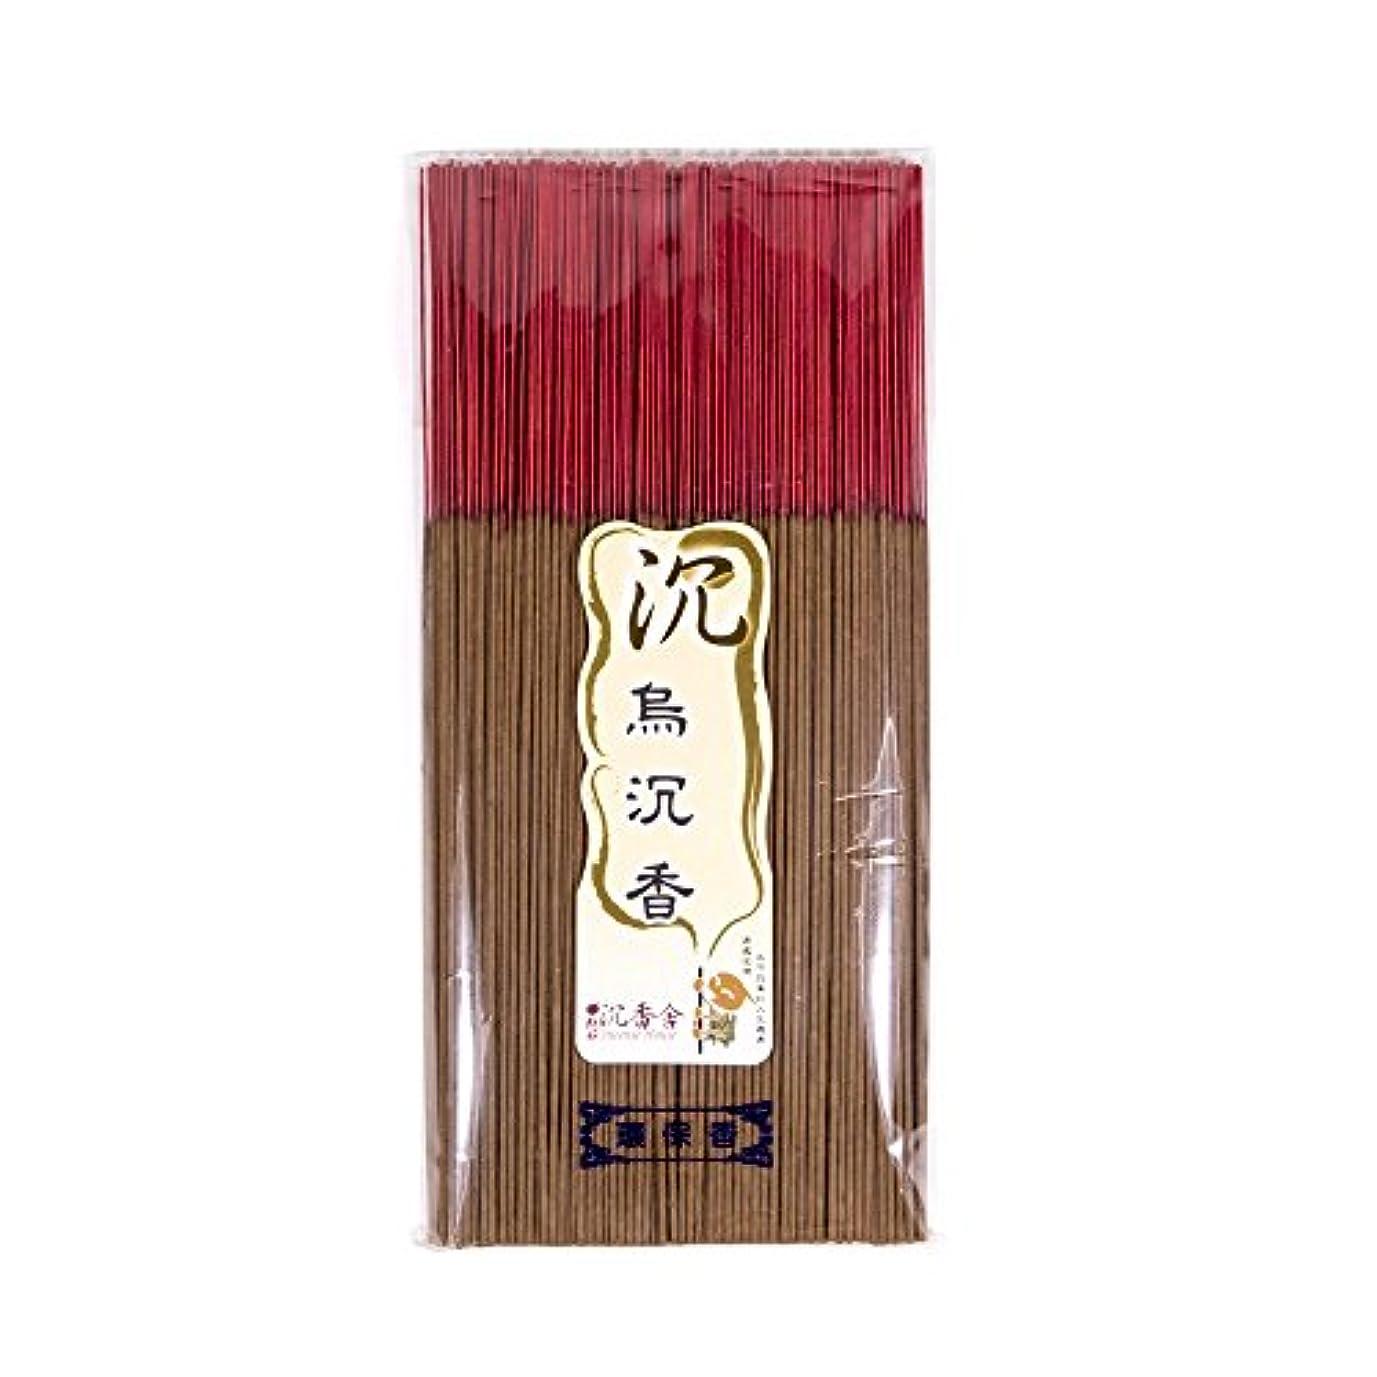 ノーブル辛いすべき台湾沉香舍 烏沈香 台湾のお香家 - 沈香 30cm (木支香) 300g 約400本